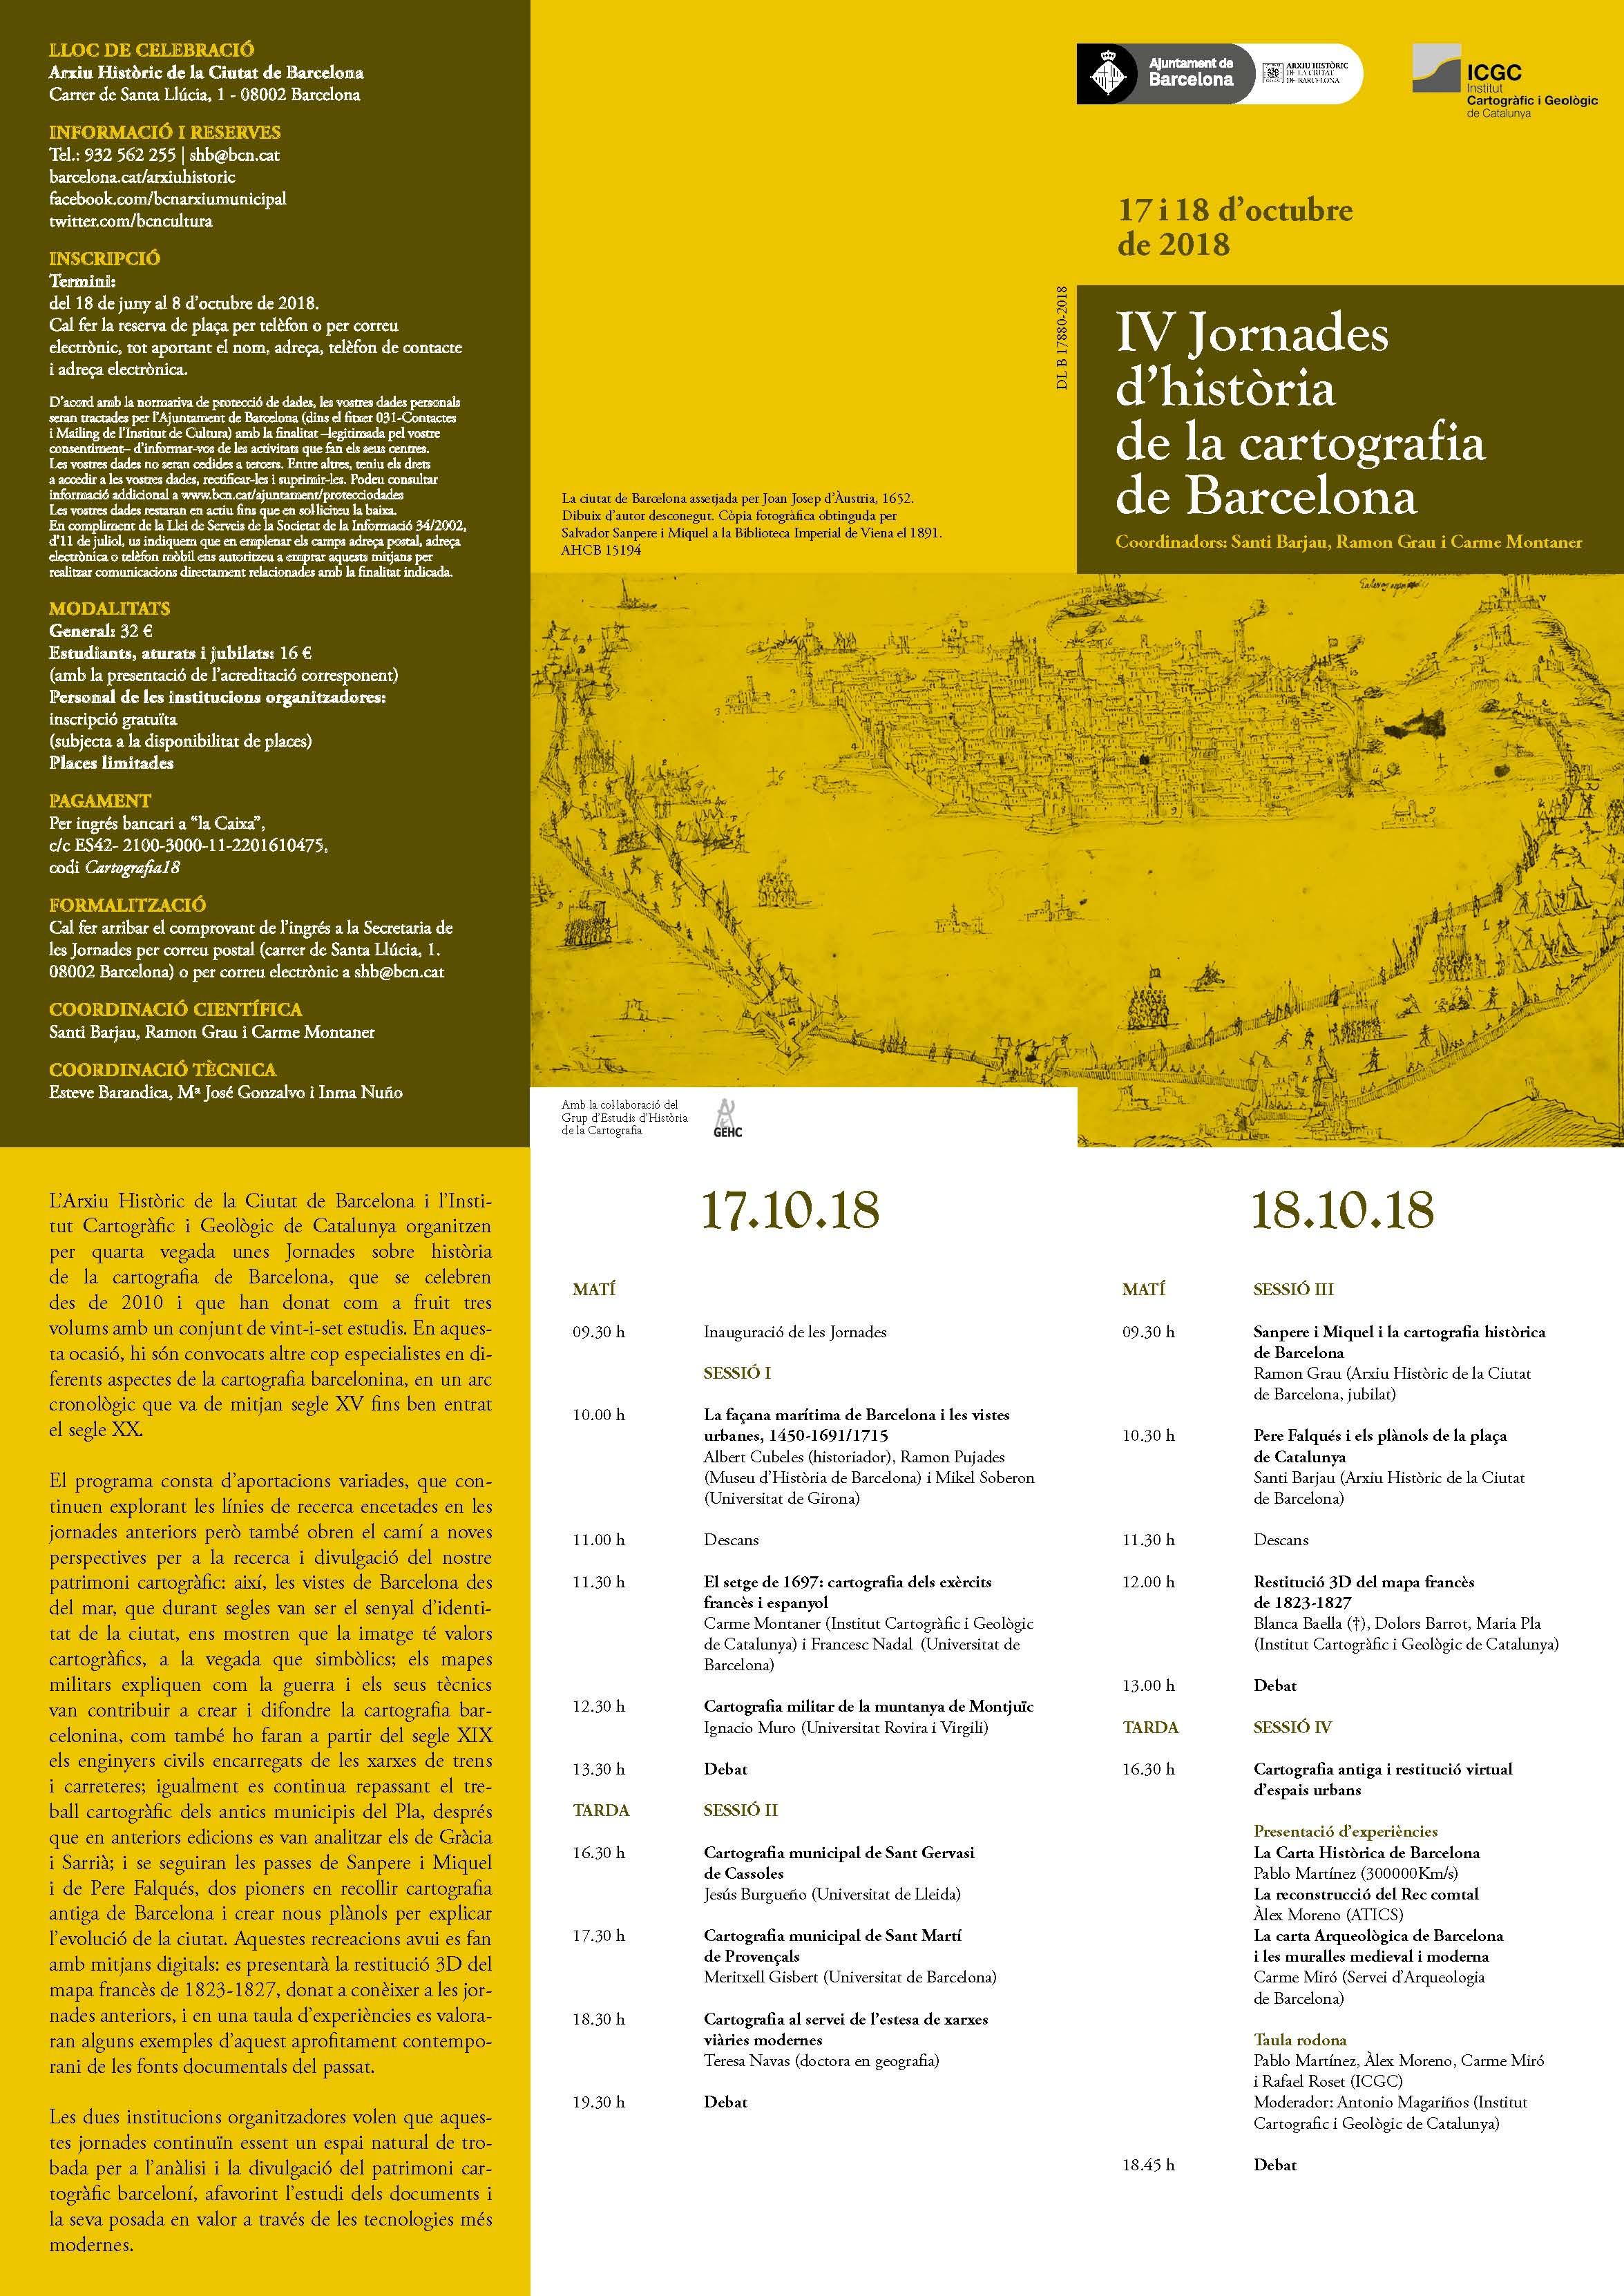 IV Jornades d'història de la cartografia de Barcelona